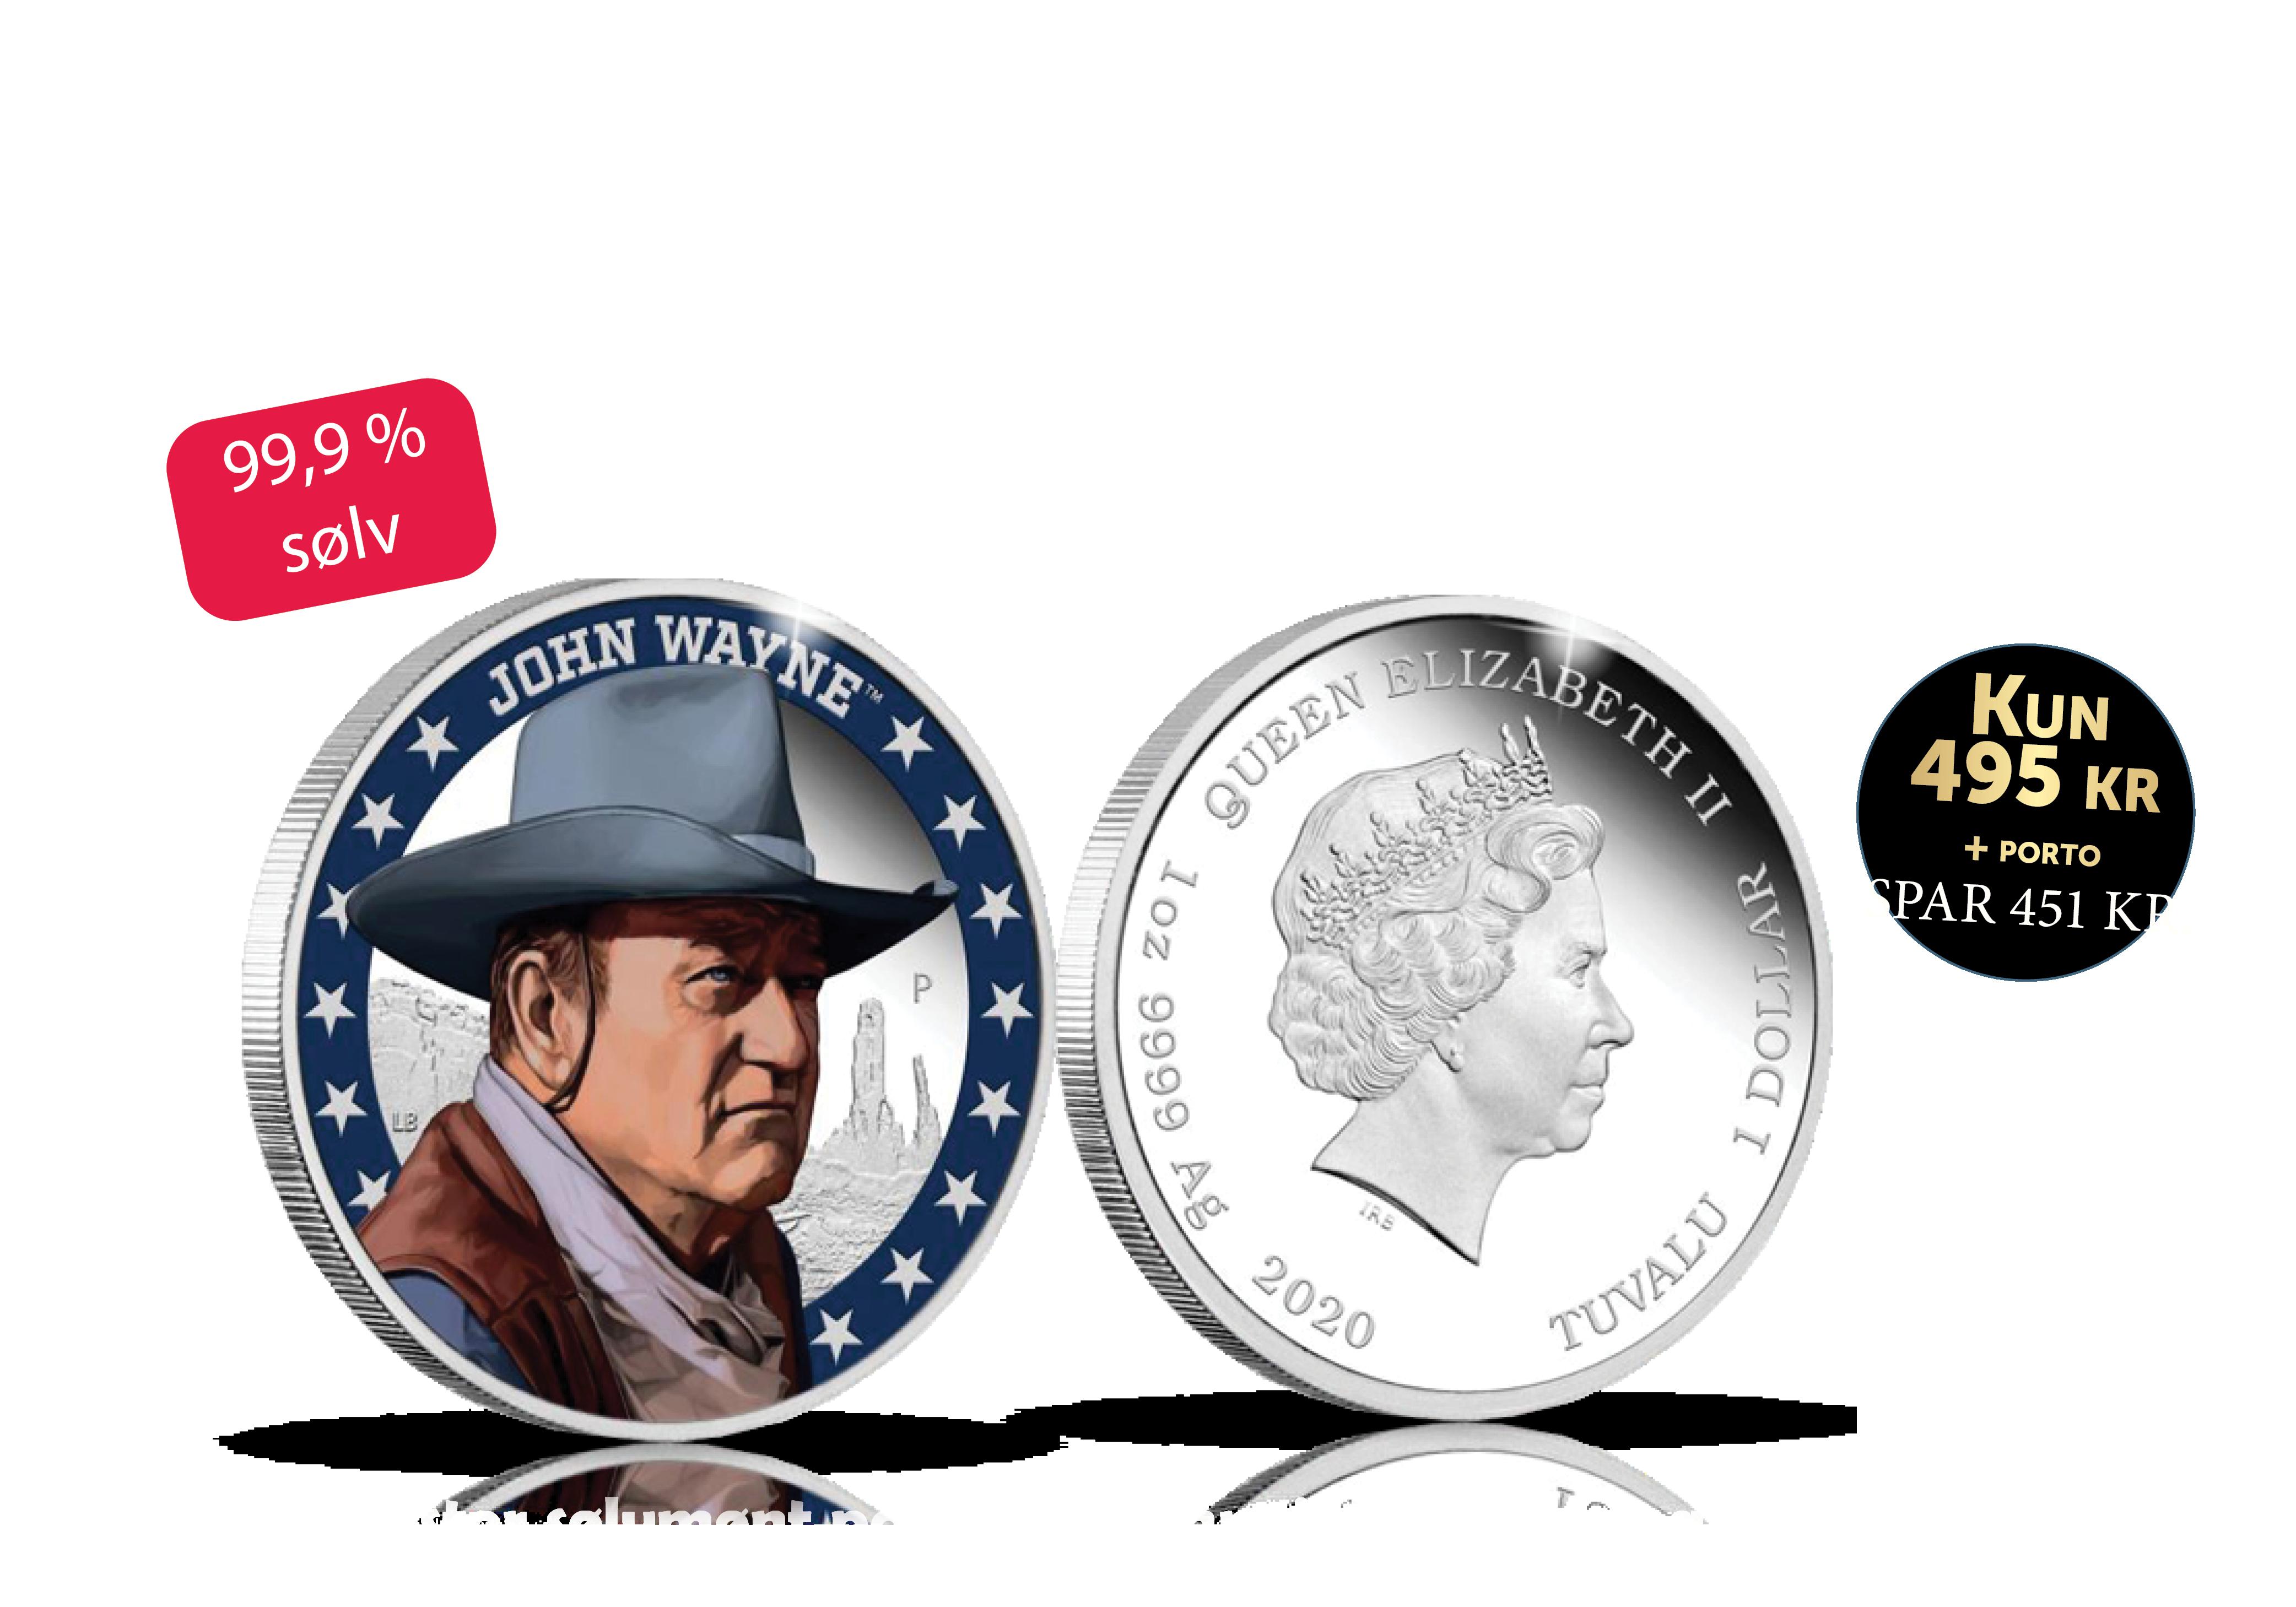 John Wayne er en af de mest populære amerikanske skuespillere i det 20. århundrede